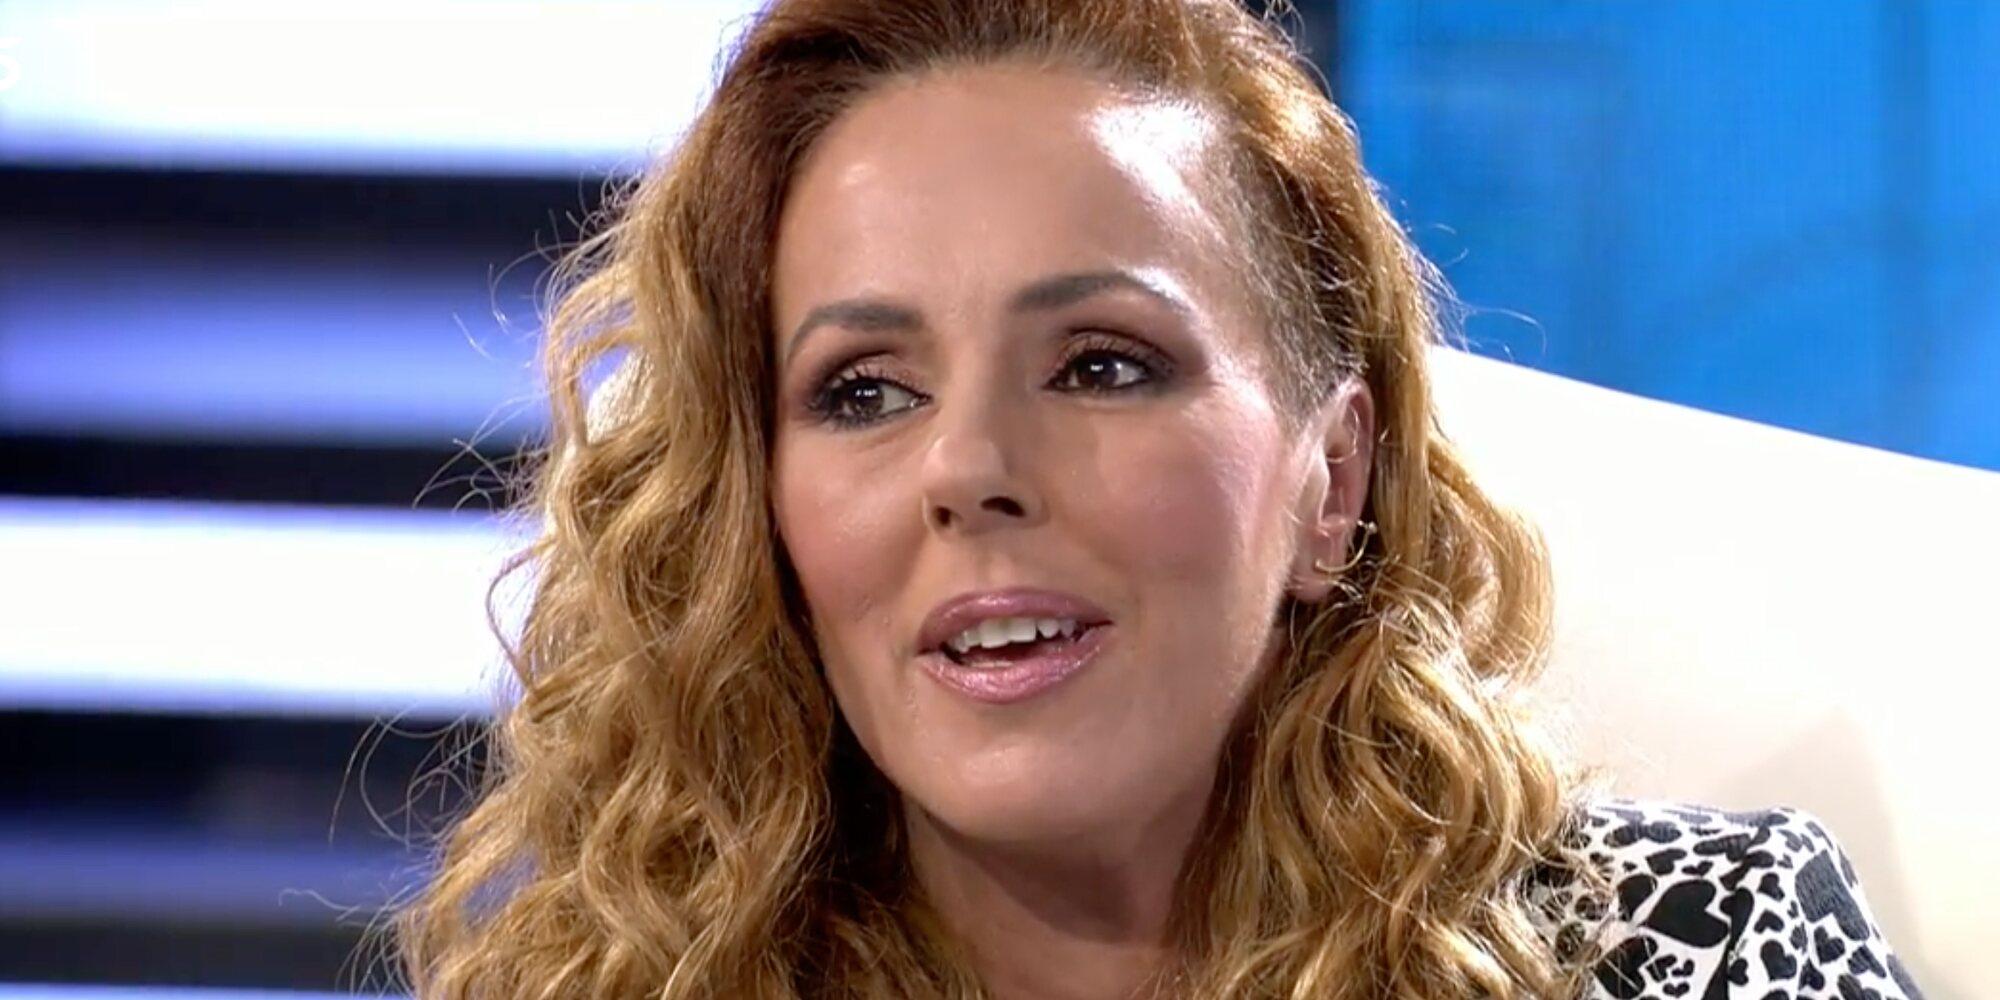 """Rocío Carrasco: """"Espero que mis hijos tomen decisiones, pero que no las tome nadie por ellos con mentiras"""""""